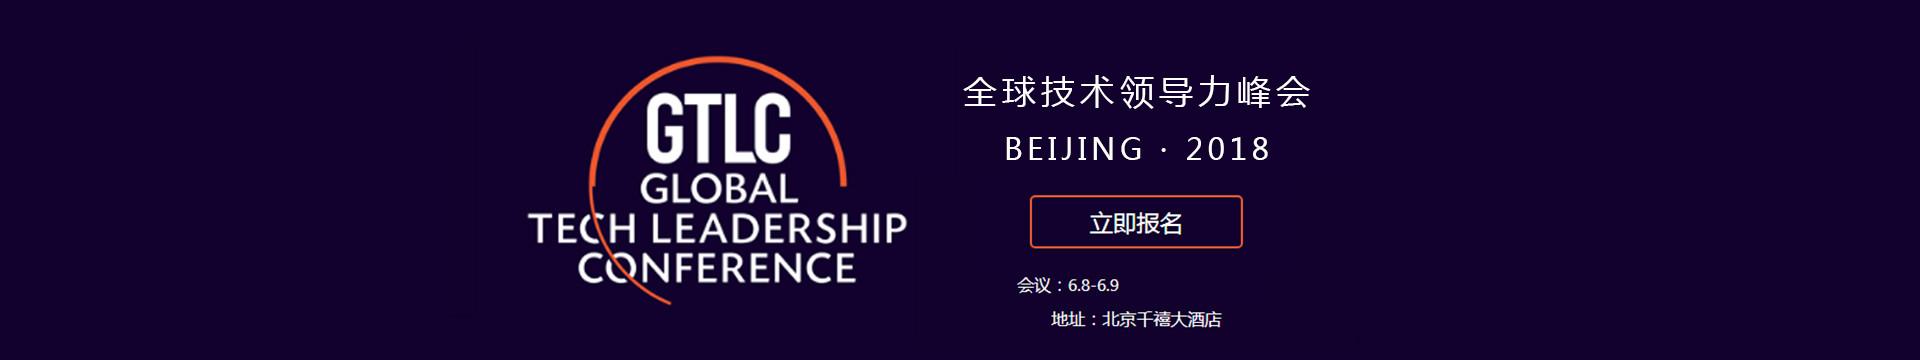 GTLC 2018全球技术领导力峰会